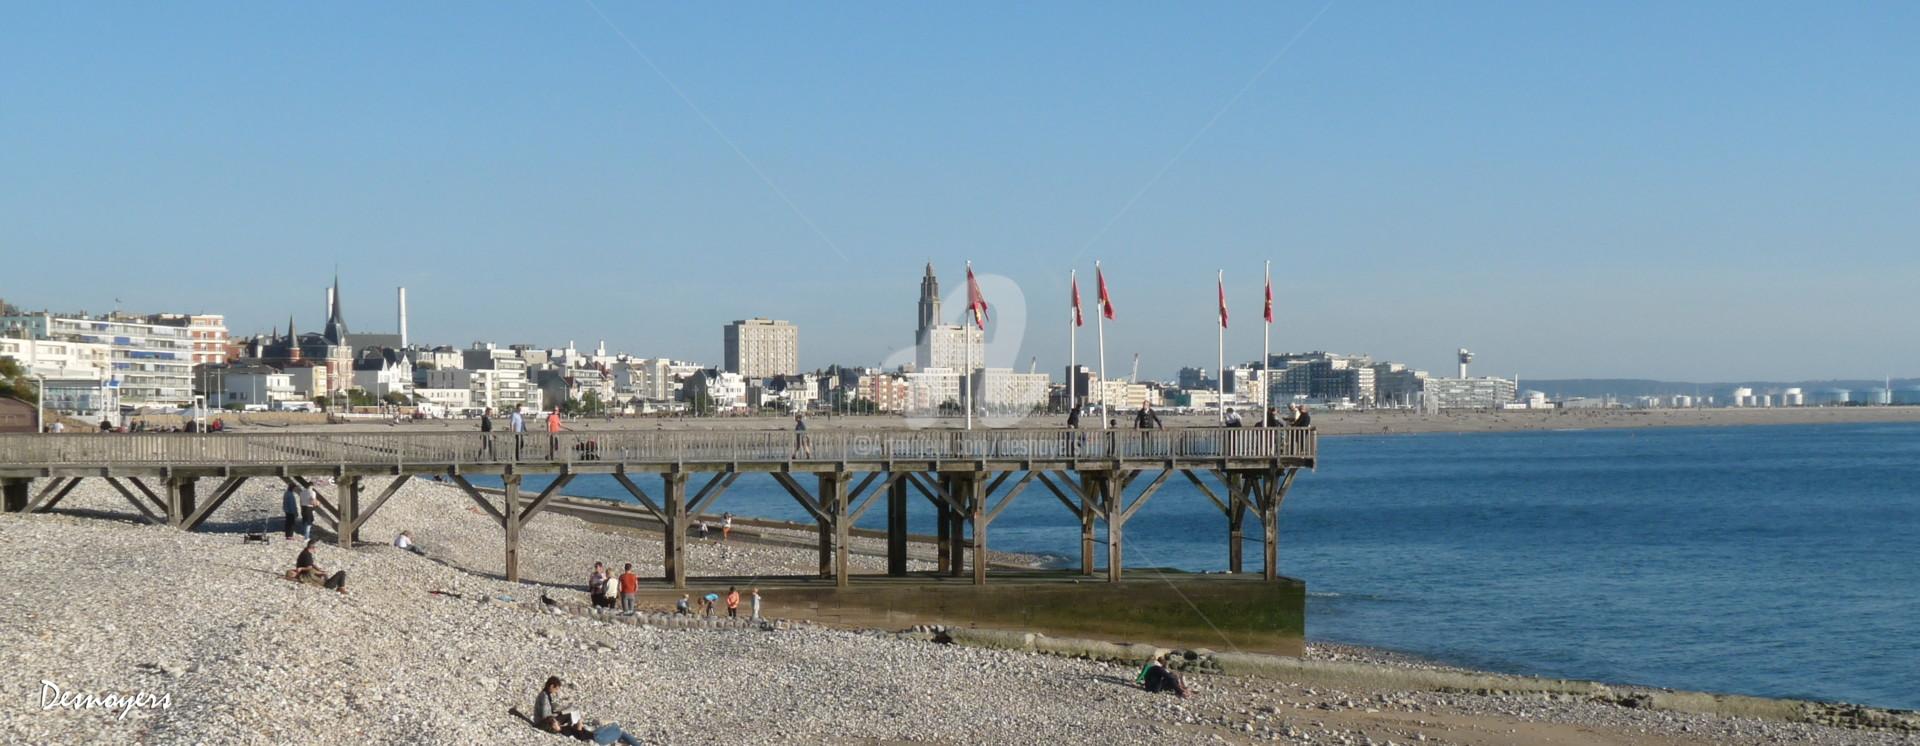 DESNOYERS - Le Havre vue de Ste Adresse